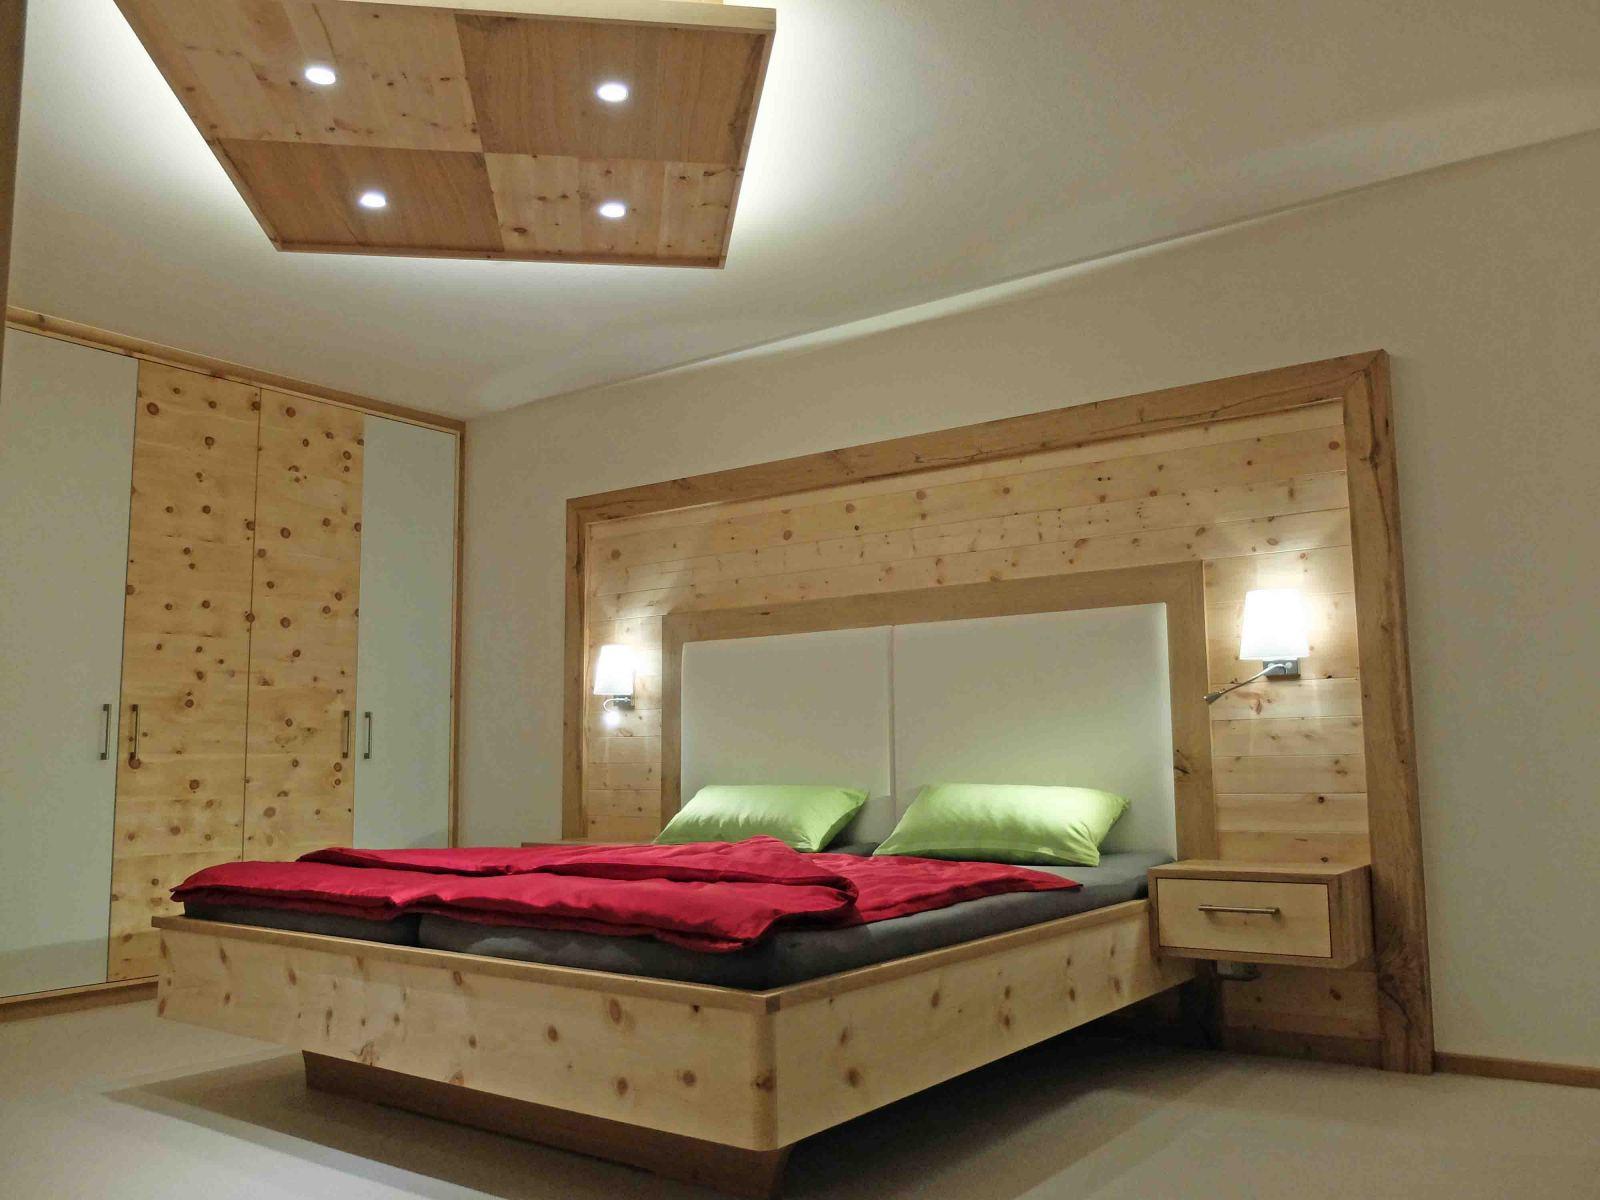 Zirbenholz Schlafzimmer Vorteile – Caseconrad.com